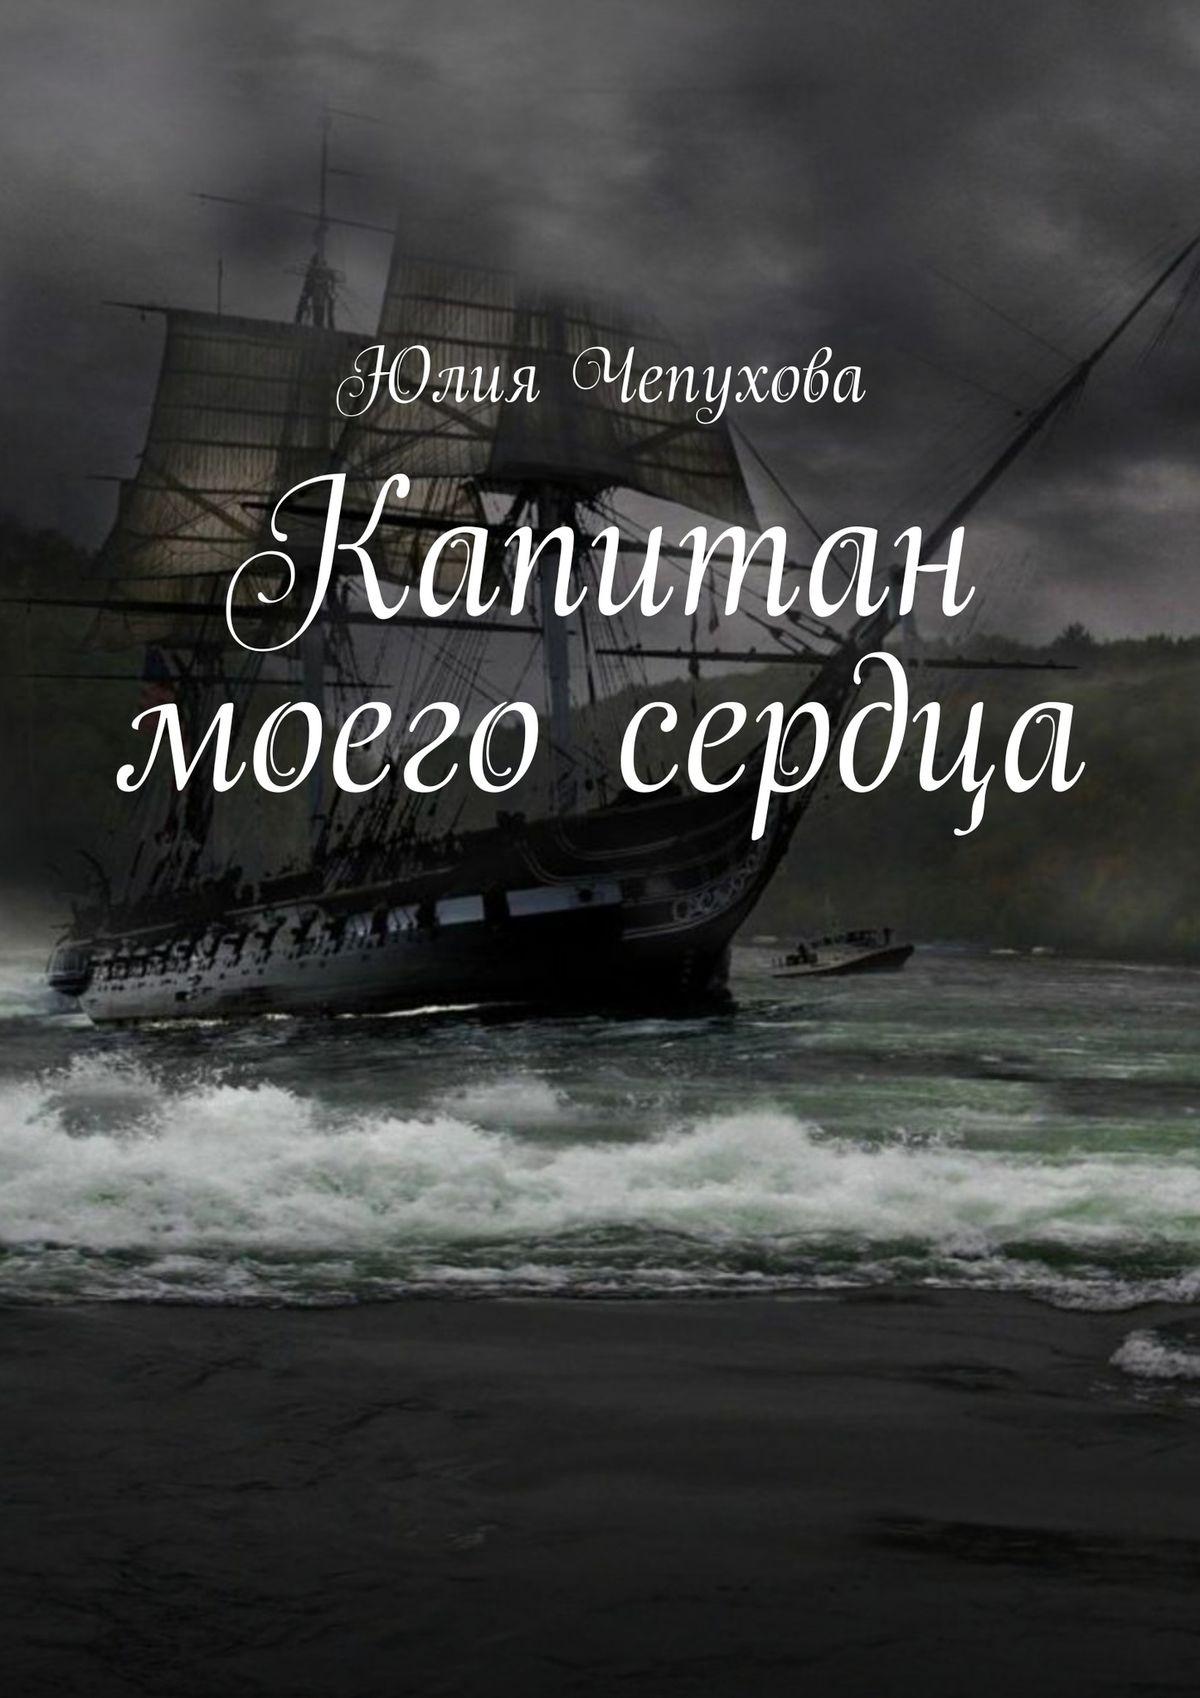 Юлия Чепухова Капитан моего сердца юлия чепухова капитан моего сердца часть 2 верноподданная короля